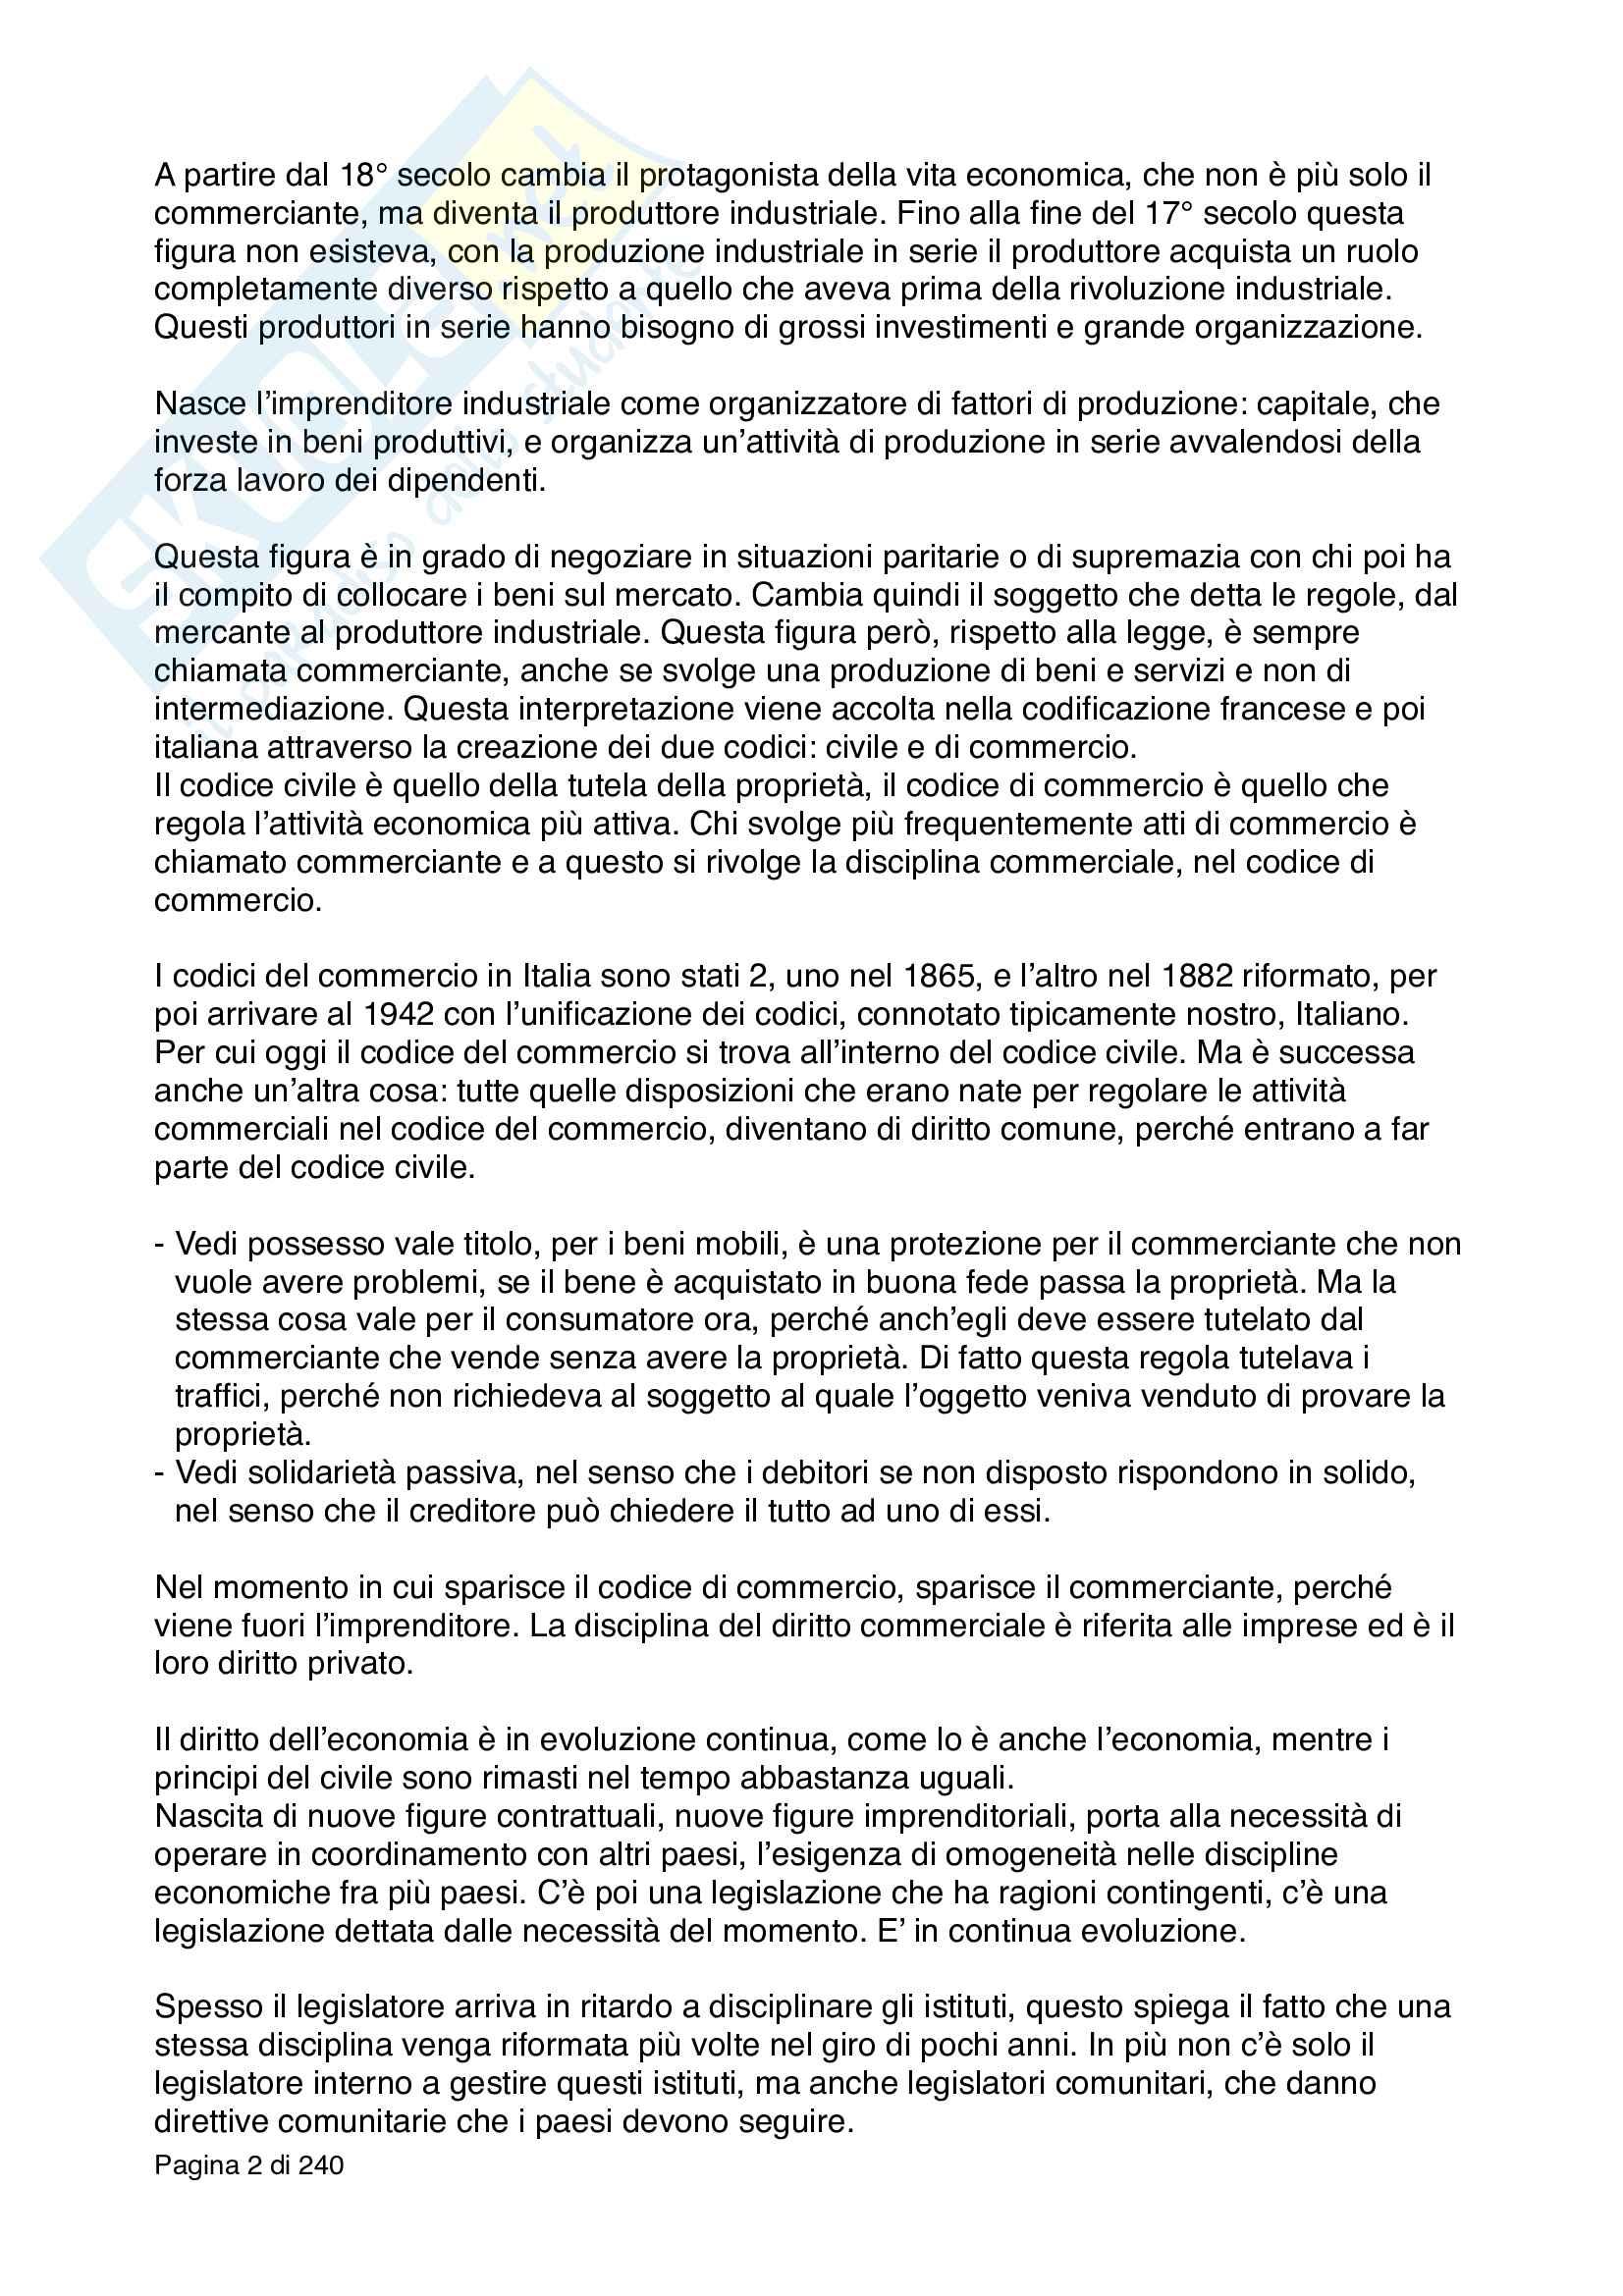 Diritto Commerciale - nozioni principali Pag. 2